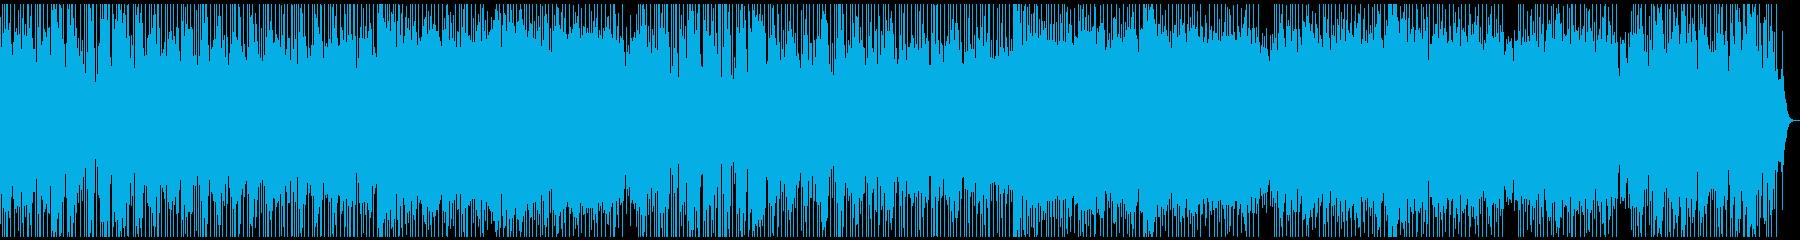 琴とコーラスが印象的な夢心地になれる曲の再生済みの波形